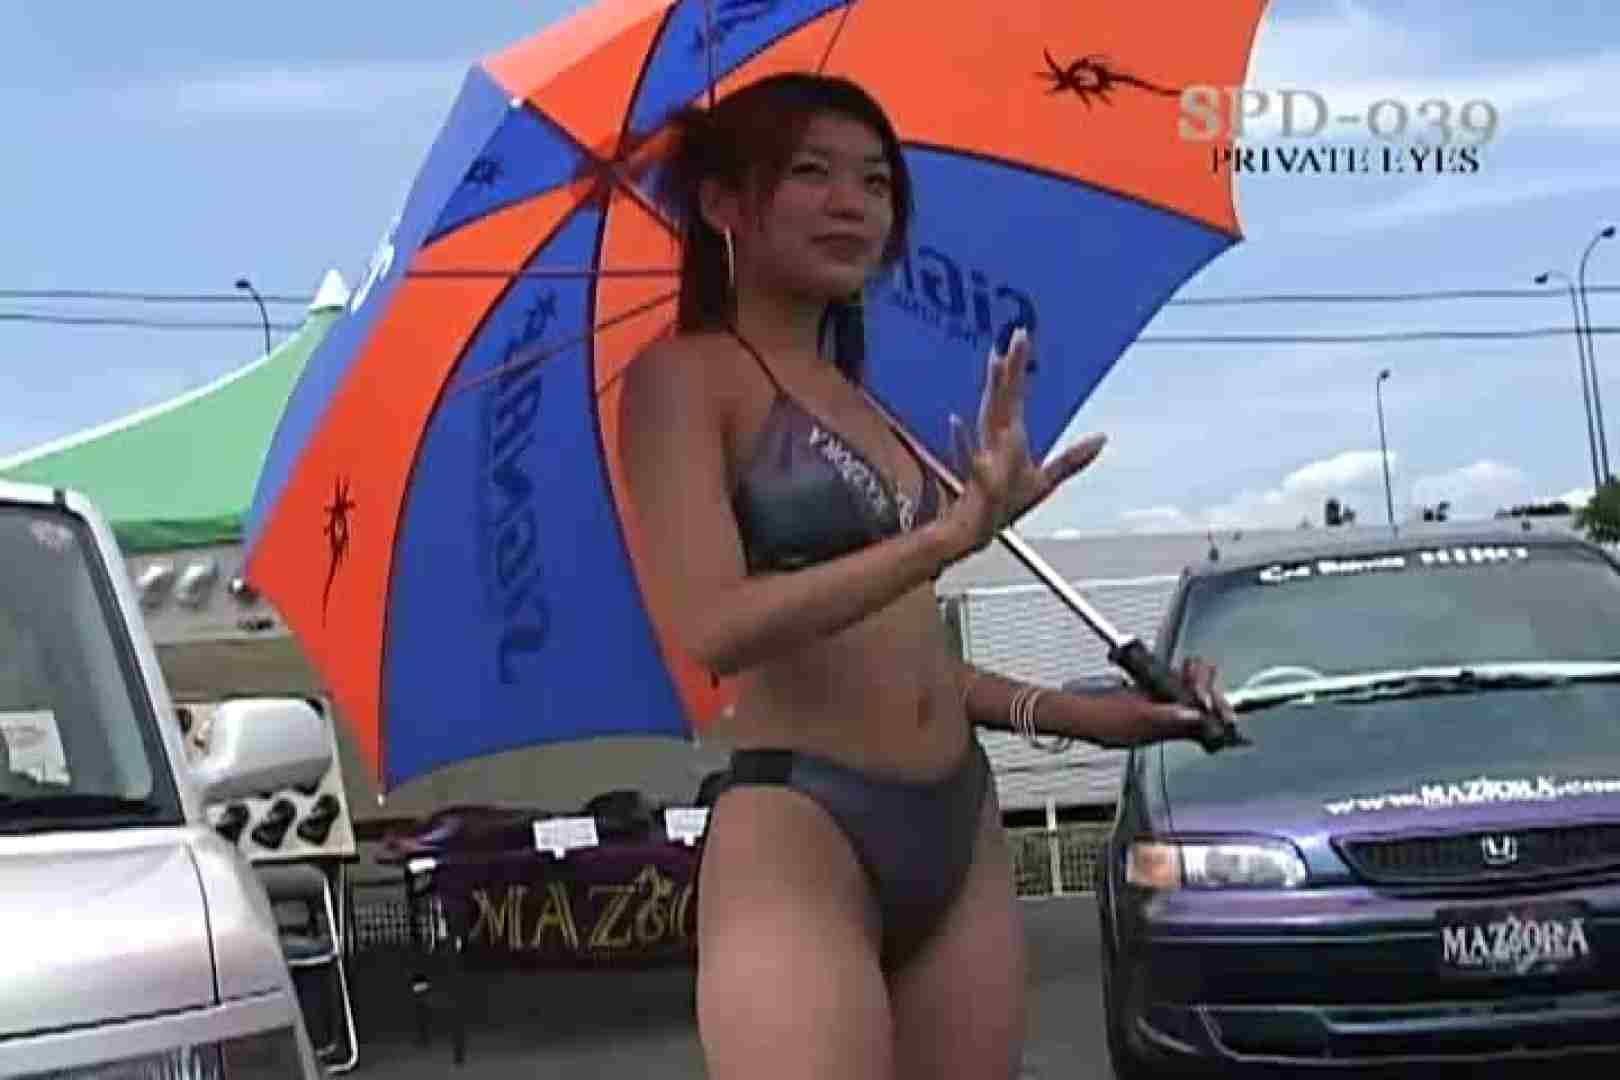 高画質版!SPD-039 ザ・コンパニオン 2001 ワゴンカーフェスティバル 高画質 盗撮動画紹介 75pic 52